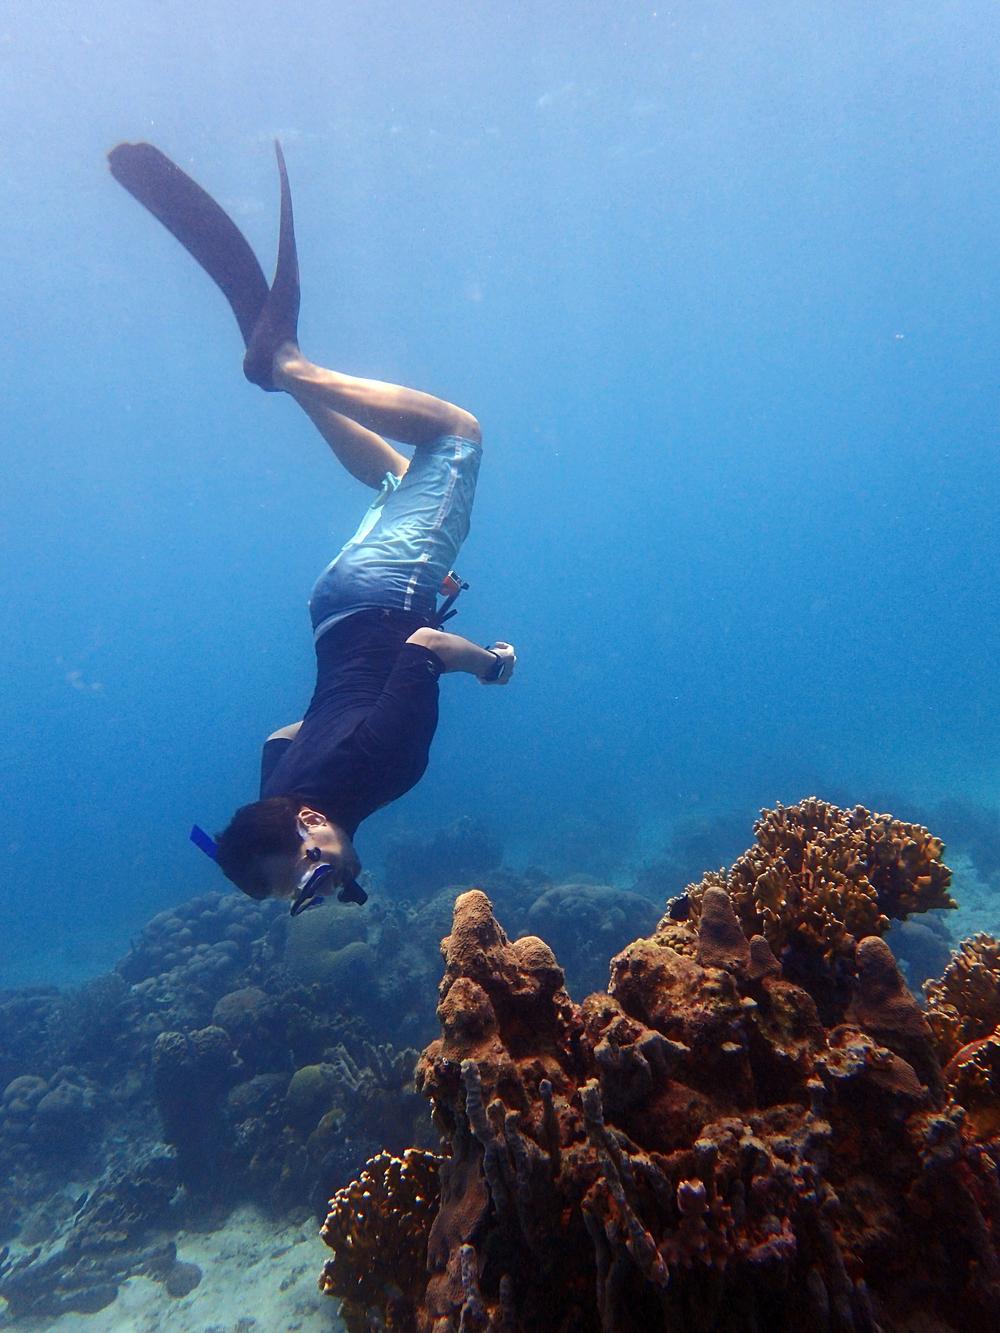 Snorkelointi, meri, Kolumbia, matkablogi, matka